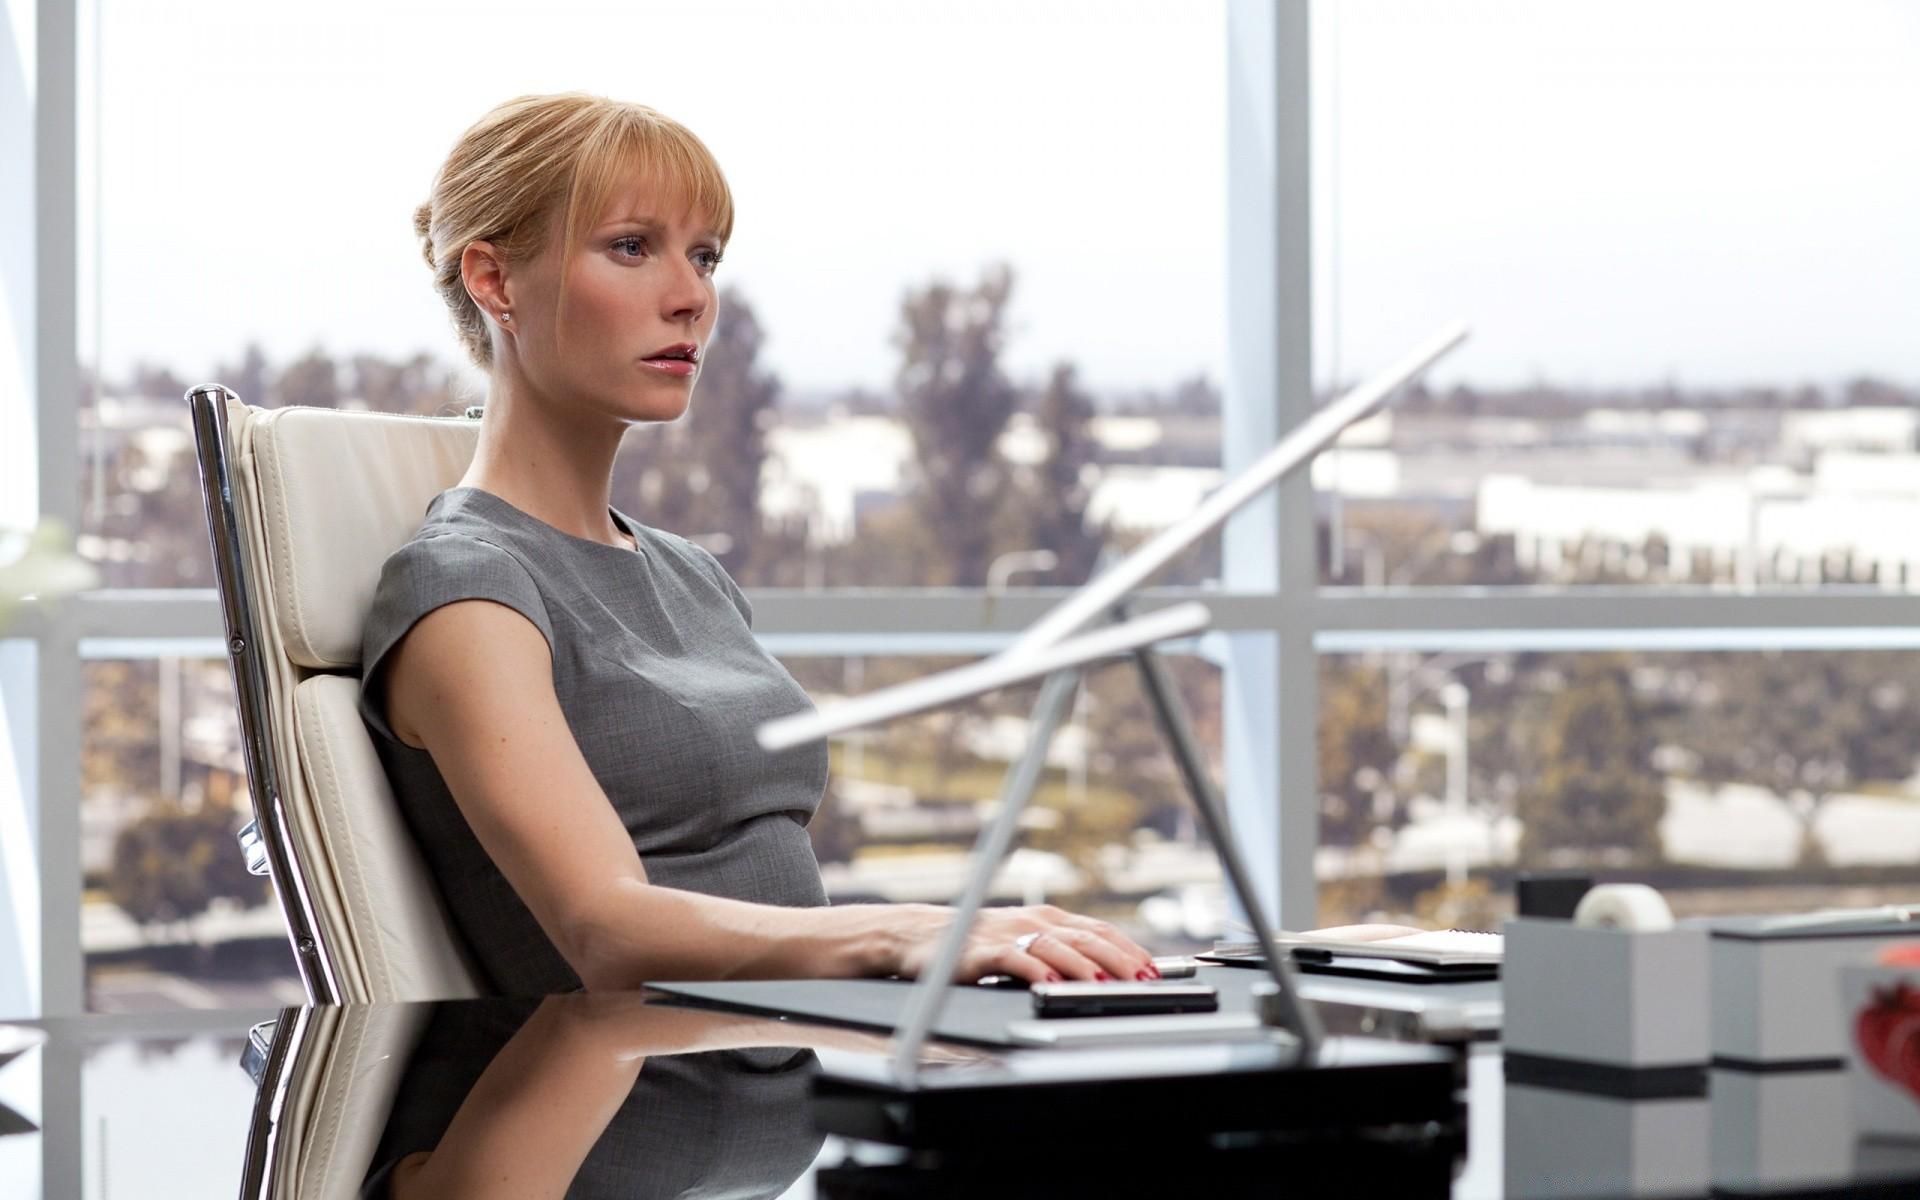 удивительно, фотографии гвинет пэлтроу на рабочий стол моста практически